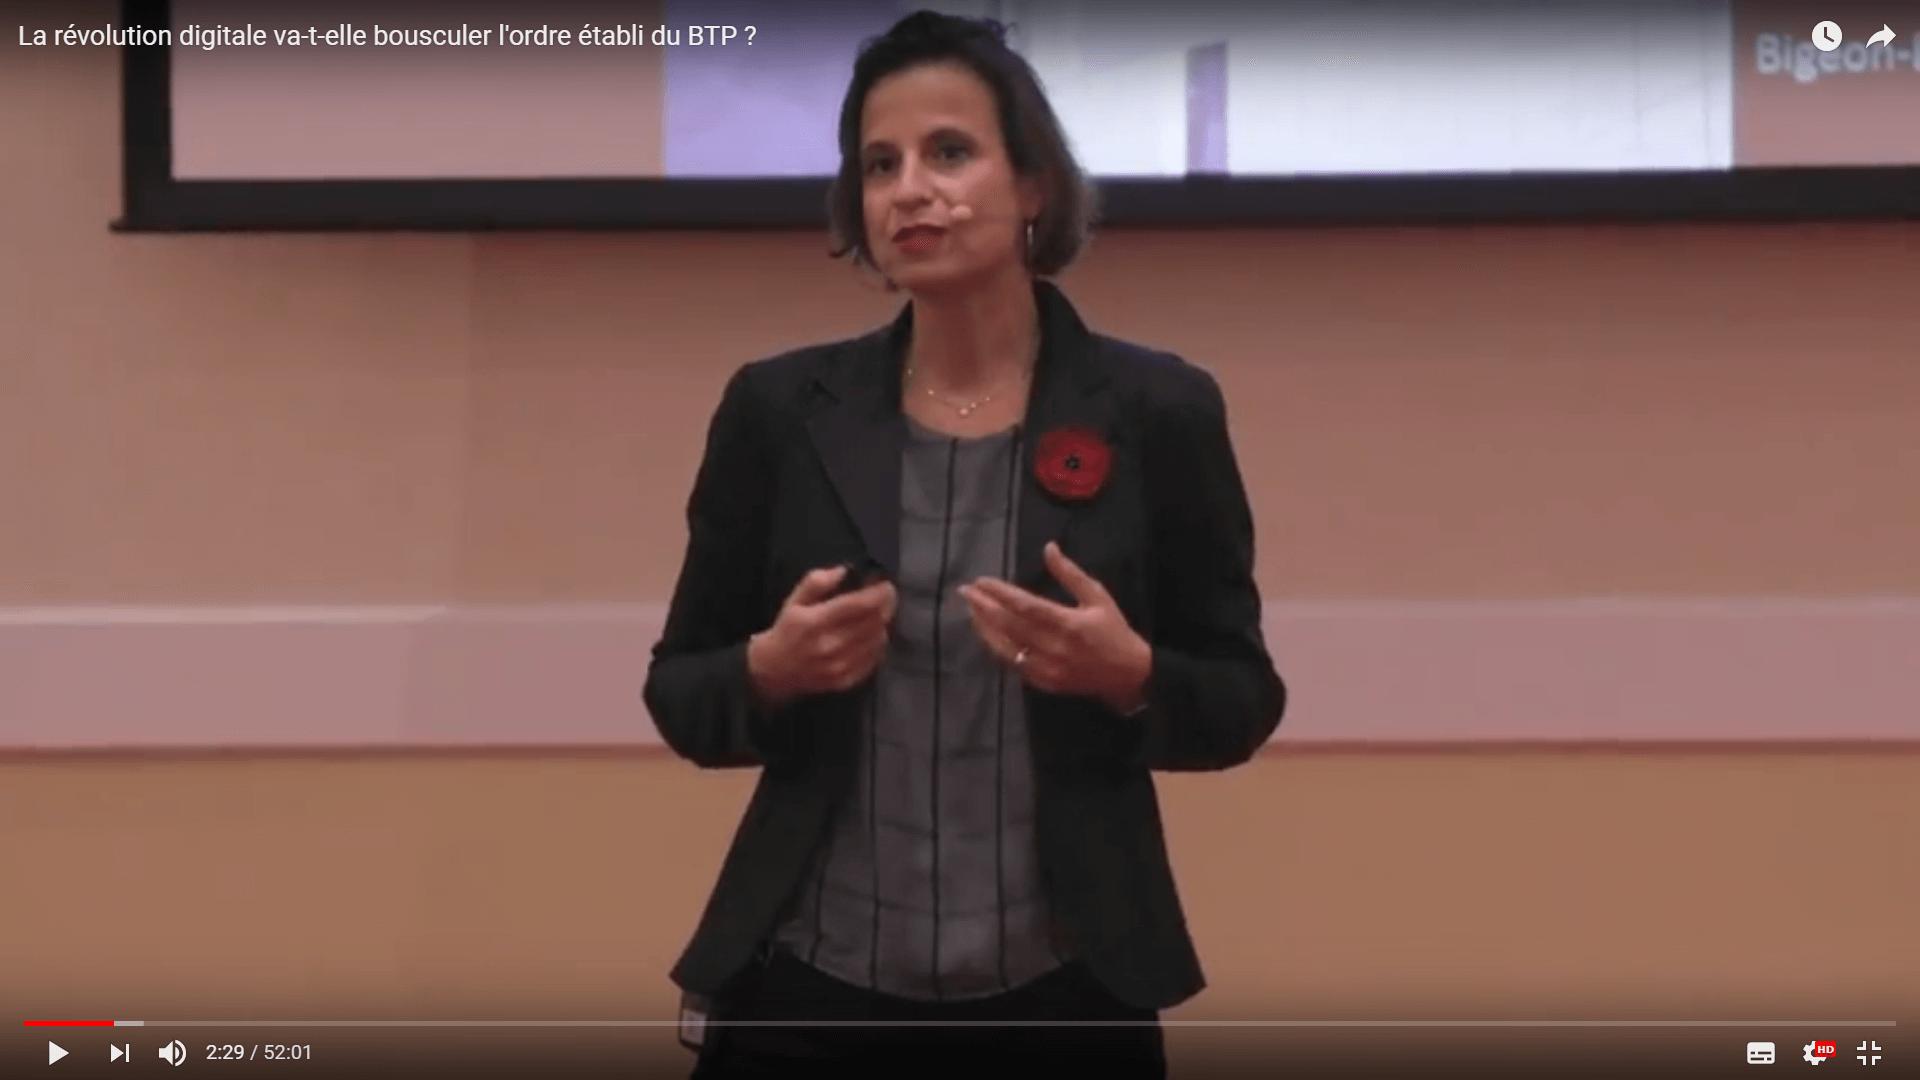 Vidéo de Stéphanie Bigeon concernant la transformation digitale